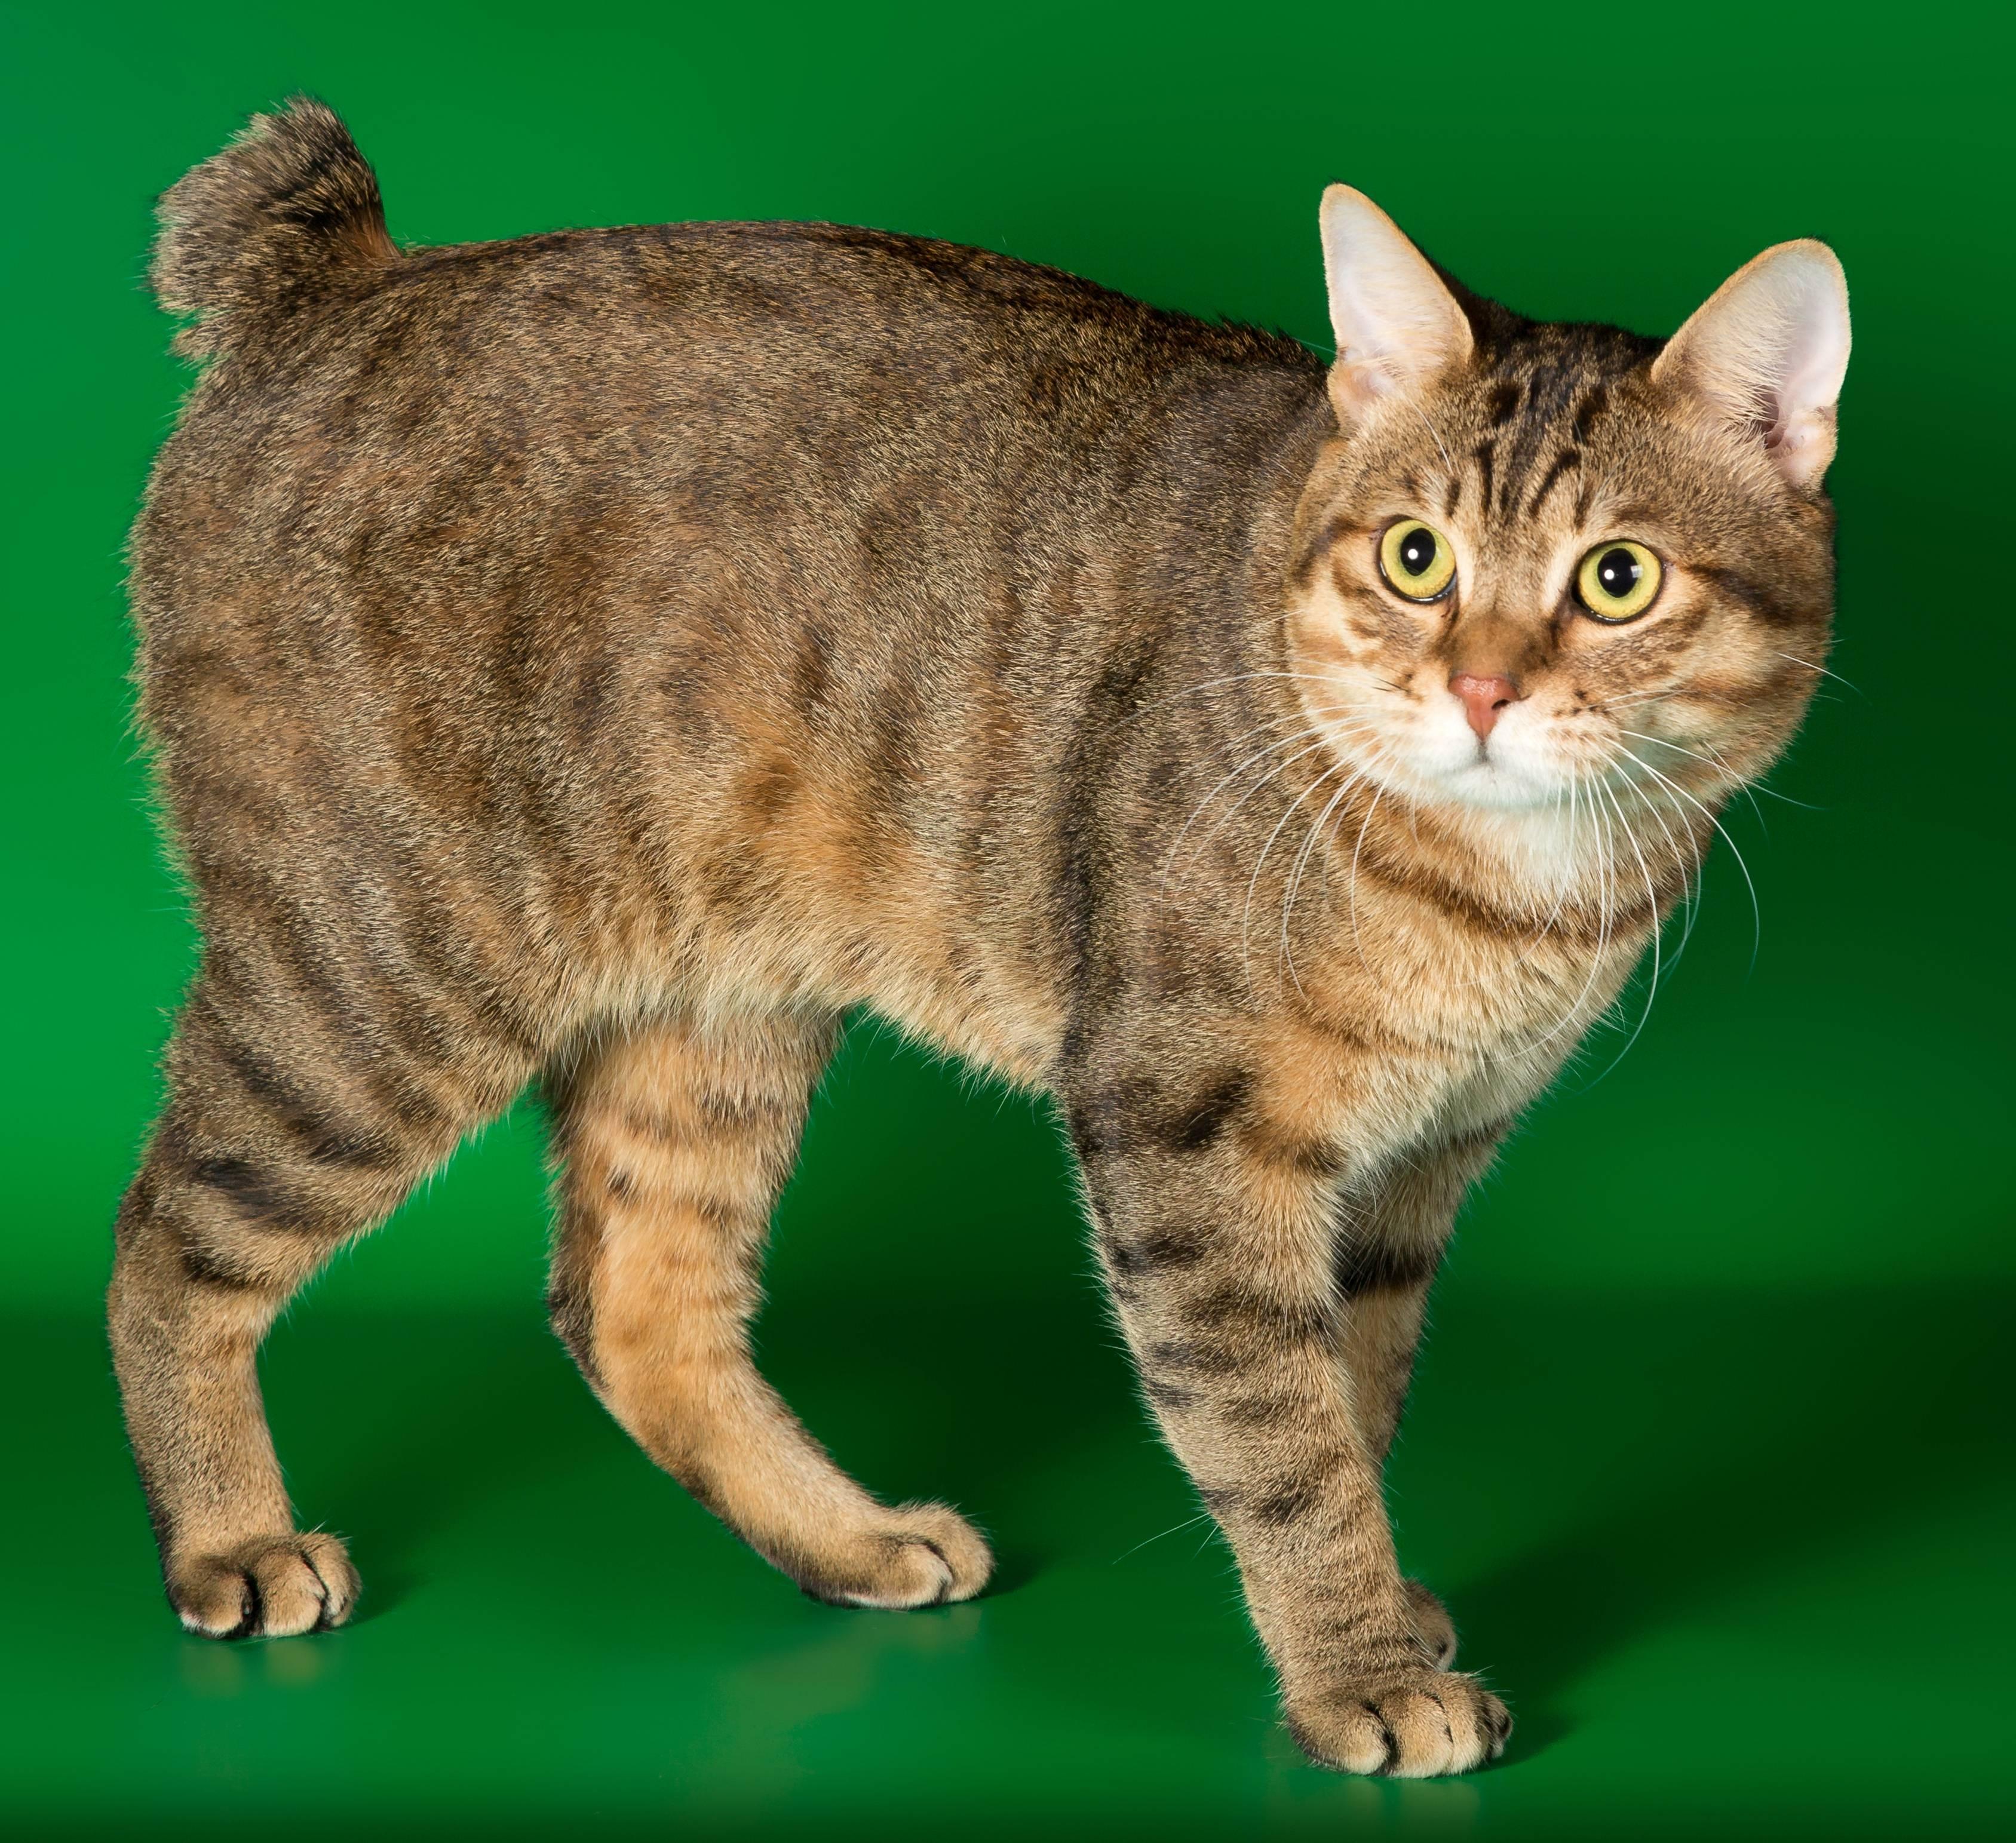 Бесхвостые породы кошек: миниатюрные рыси и яркие индивидуальности